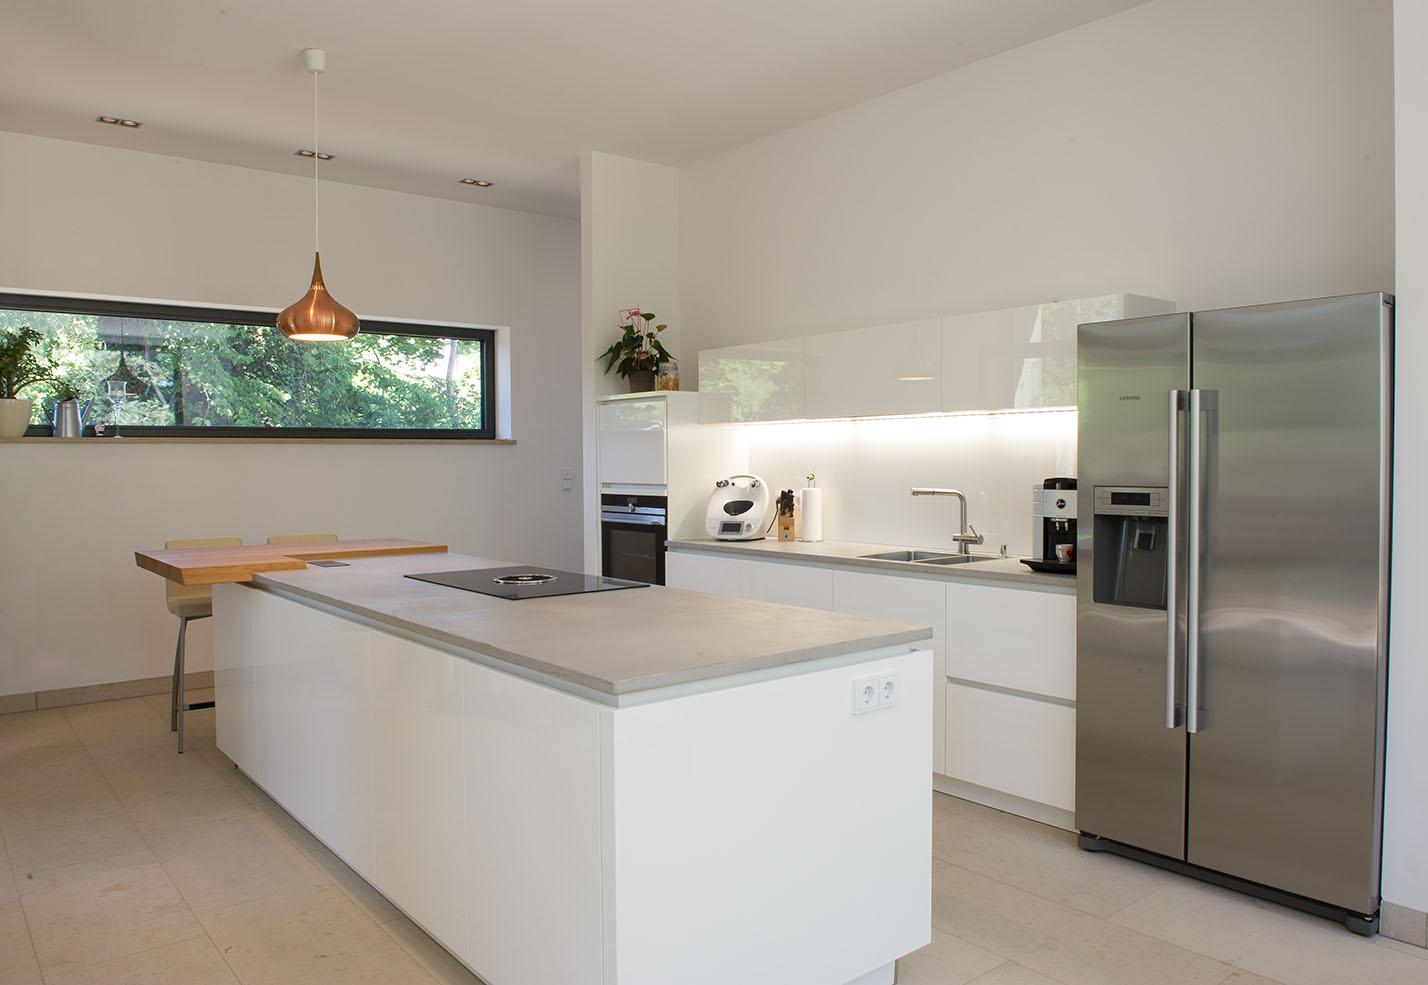 mainTisch Beton Küche - mainTisch